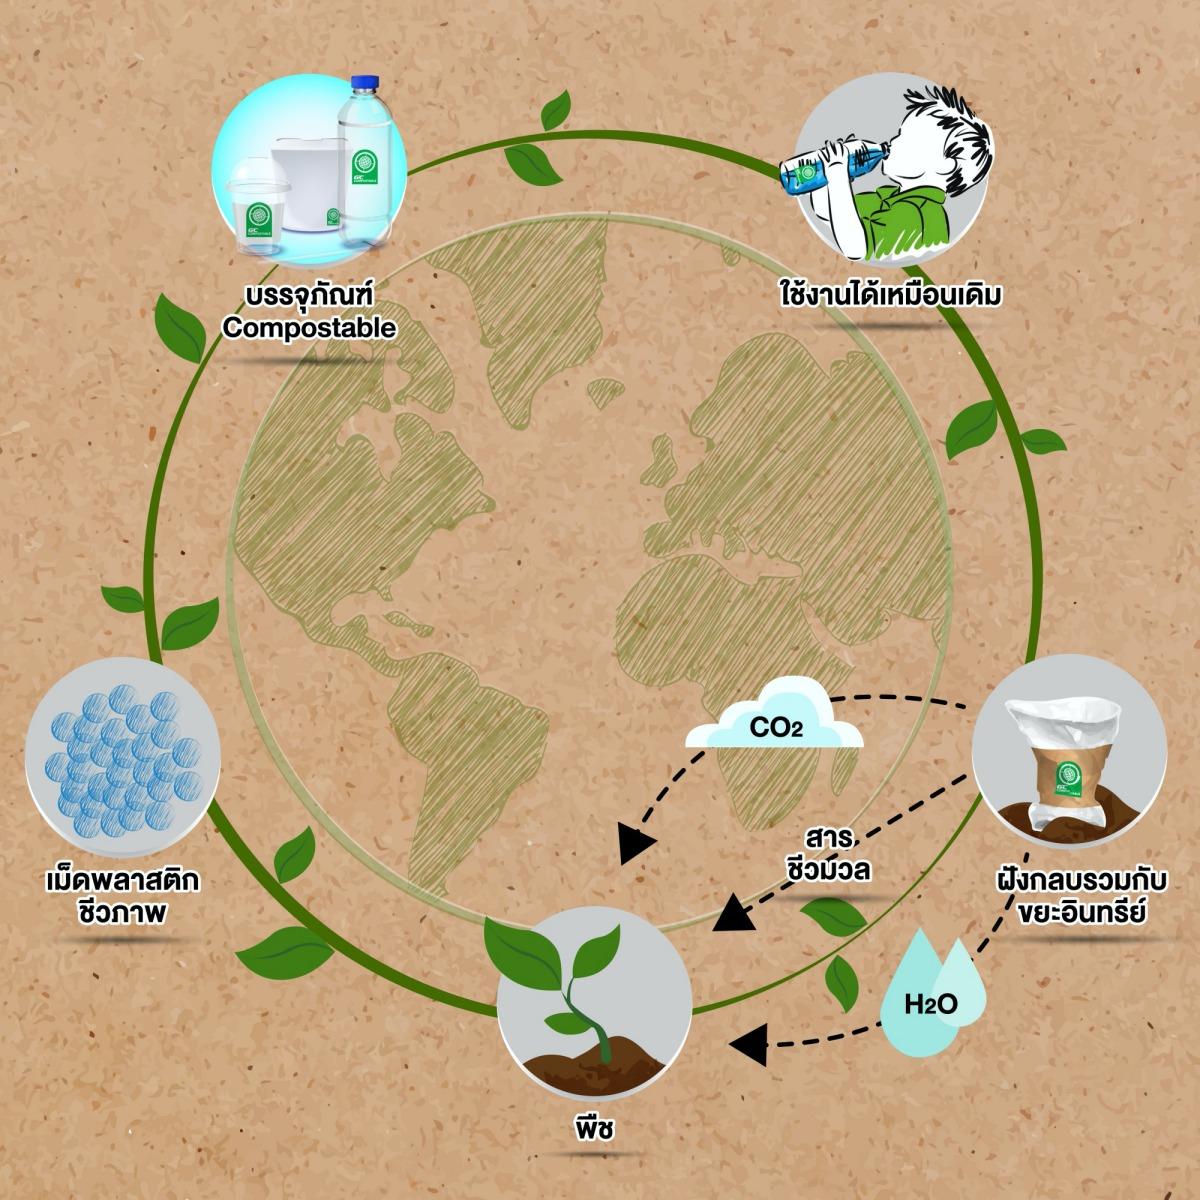 ความจริงที่ควรรู้เกี่ยวกับพลาสติกชีวภาพที่สลายตัวได้ทางชีวภาพ ...